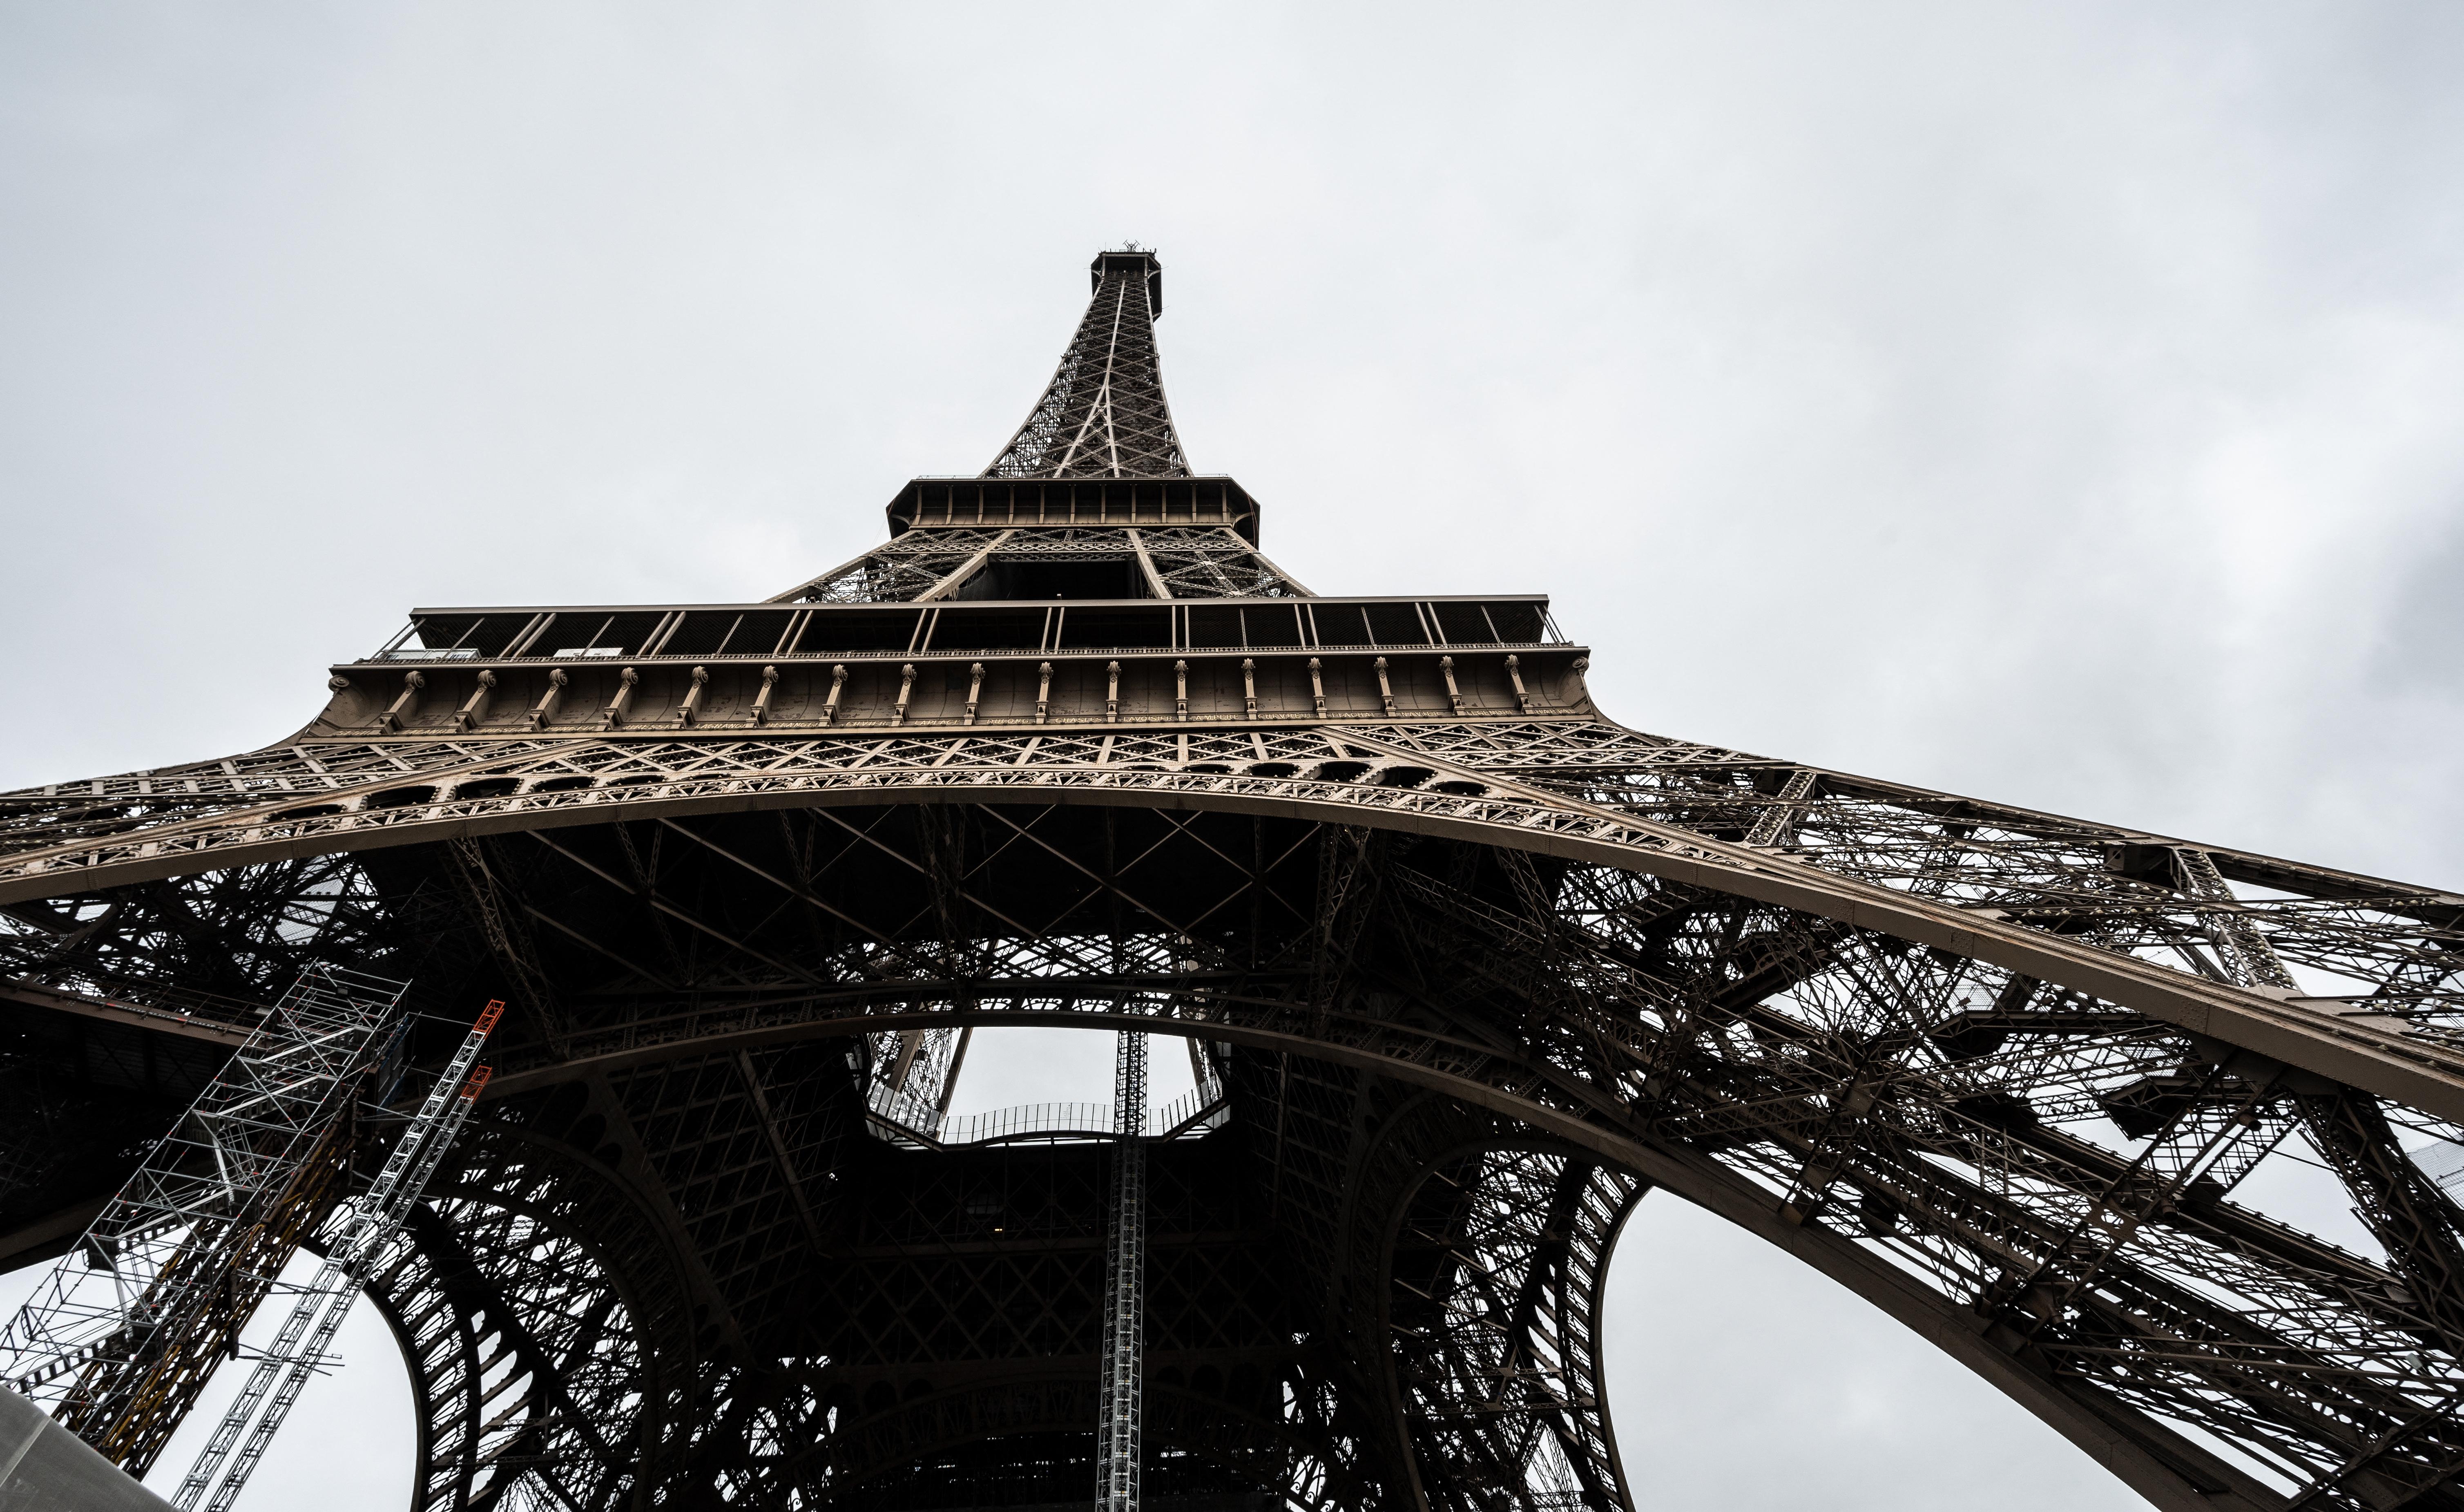 (Esses testes serão gratuitos para os visitantes franceses, mas os turistas estrangeiros que não residirem na França terão que pagar 25 euros, como em toda França desde 7 de julho. Foto: Bertrand GUAY / AFP )